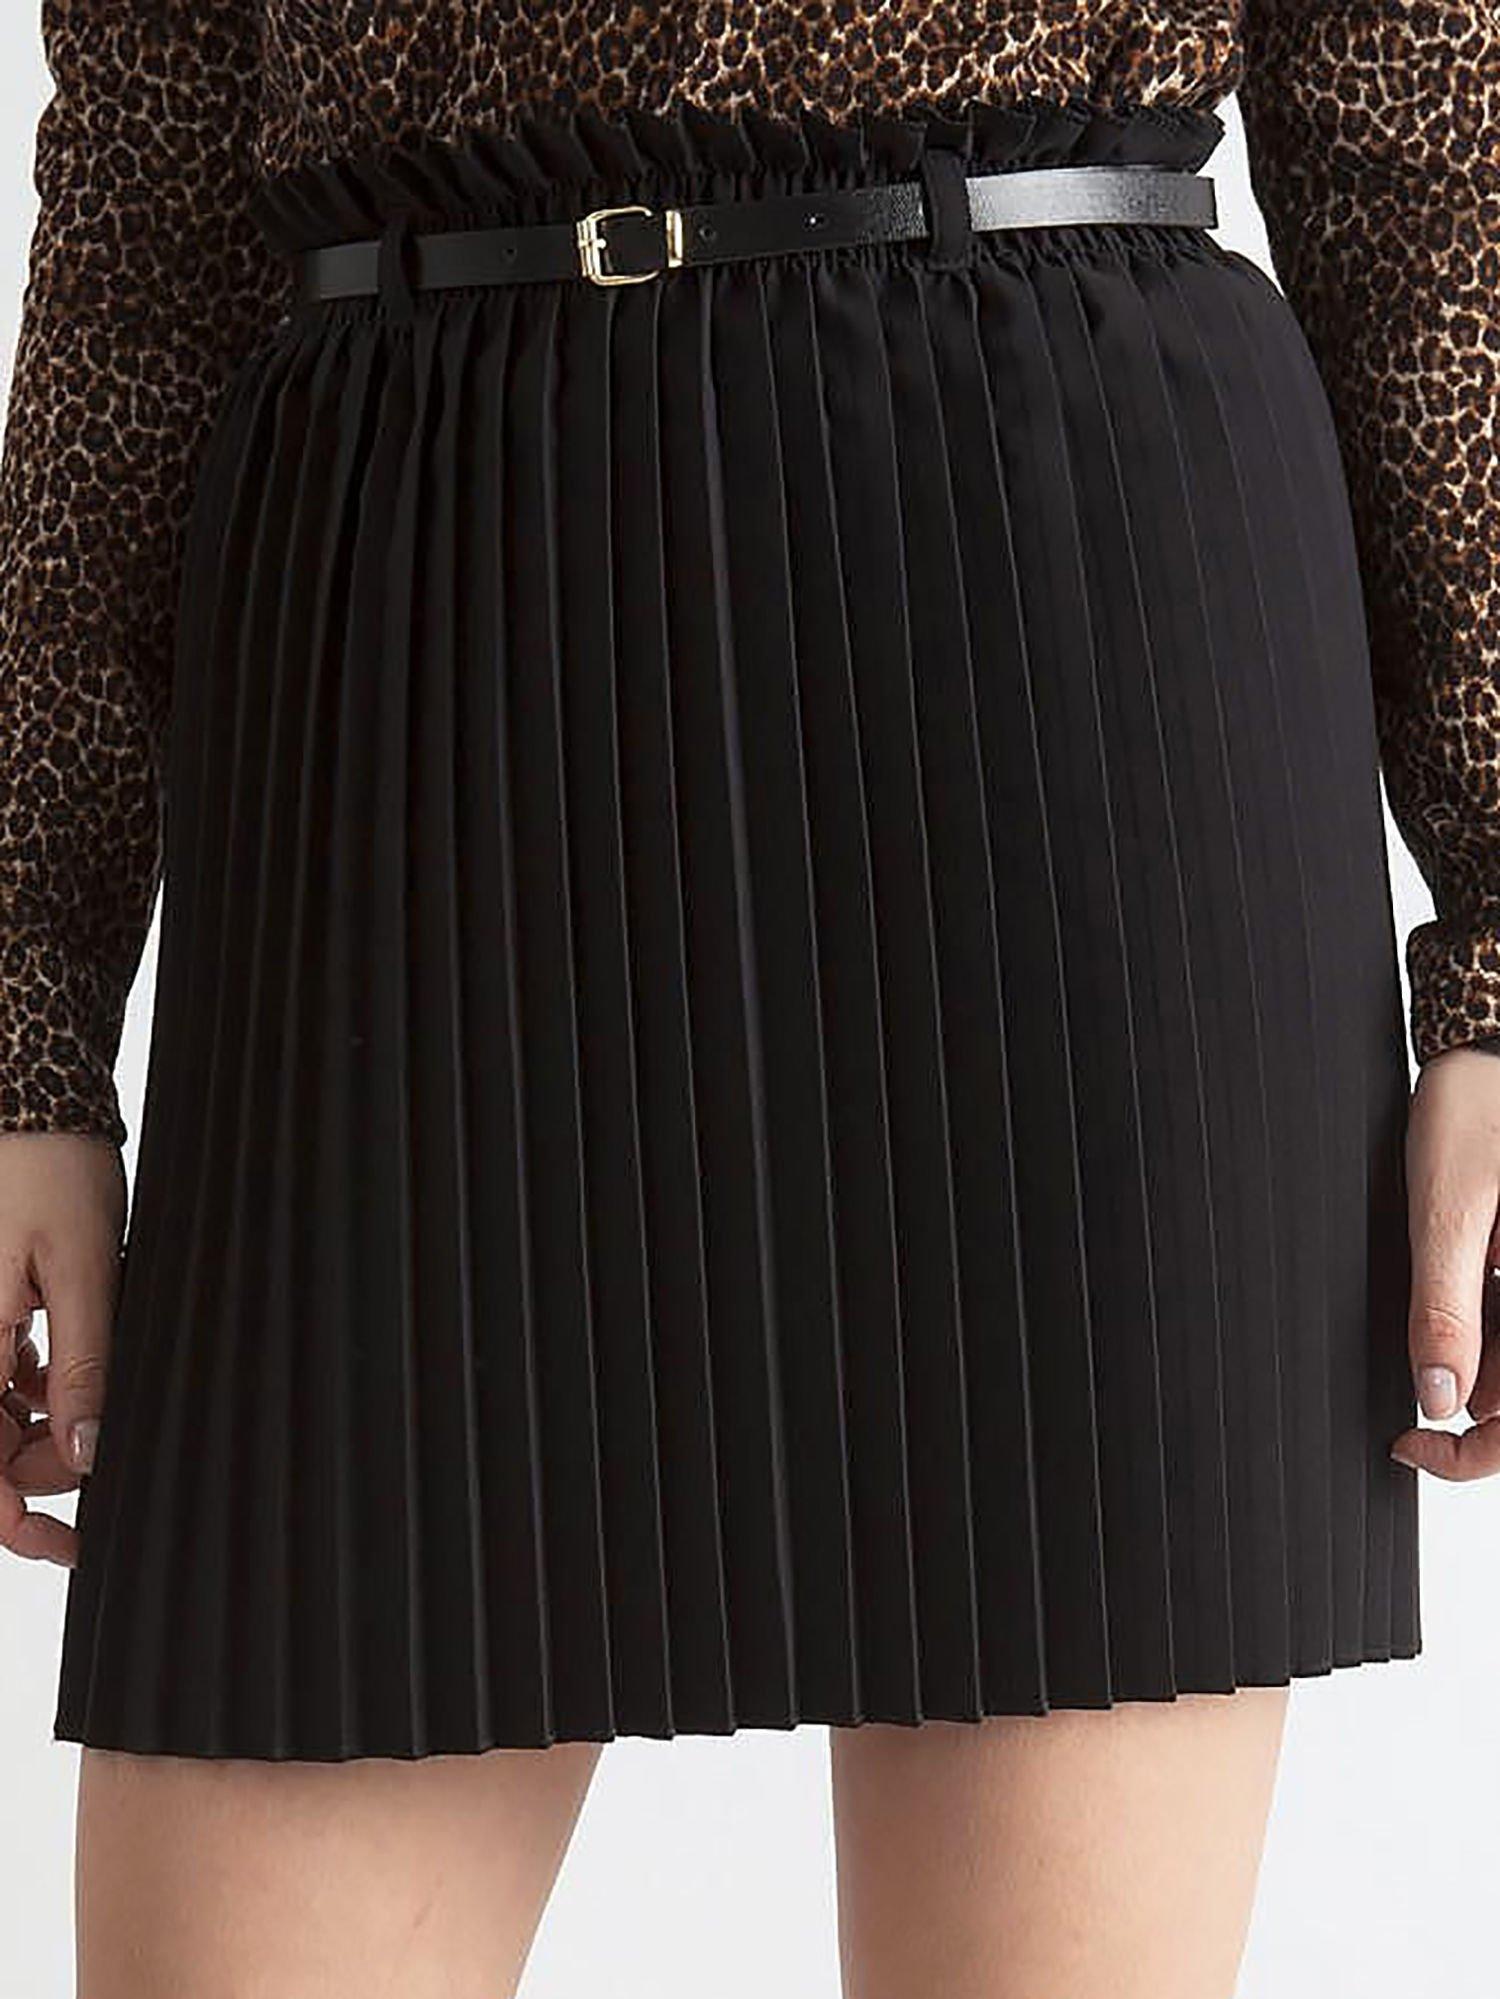 49f2385d Czarna plisowana spódnica z paskiem - Spódnica plisowana - sklep ...